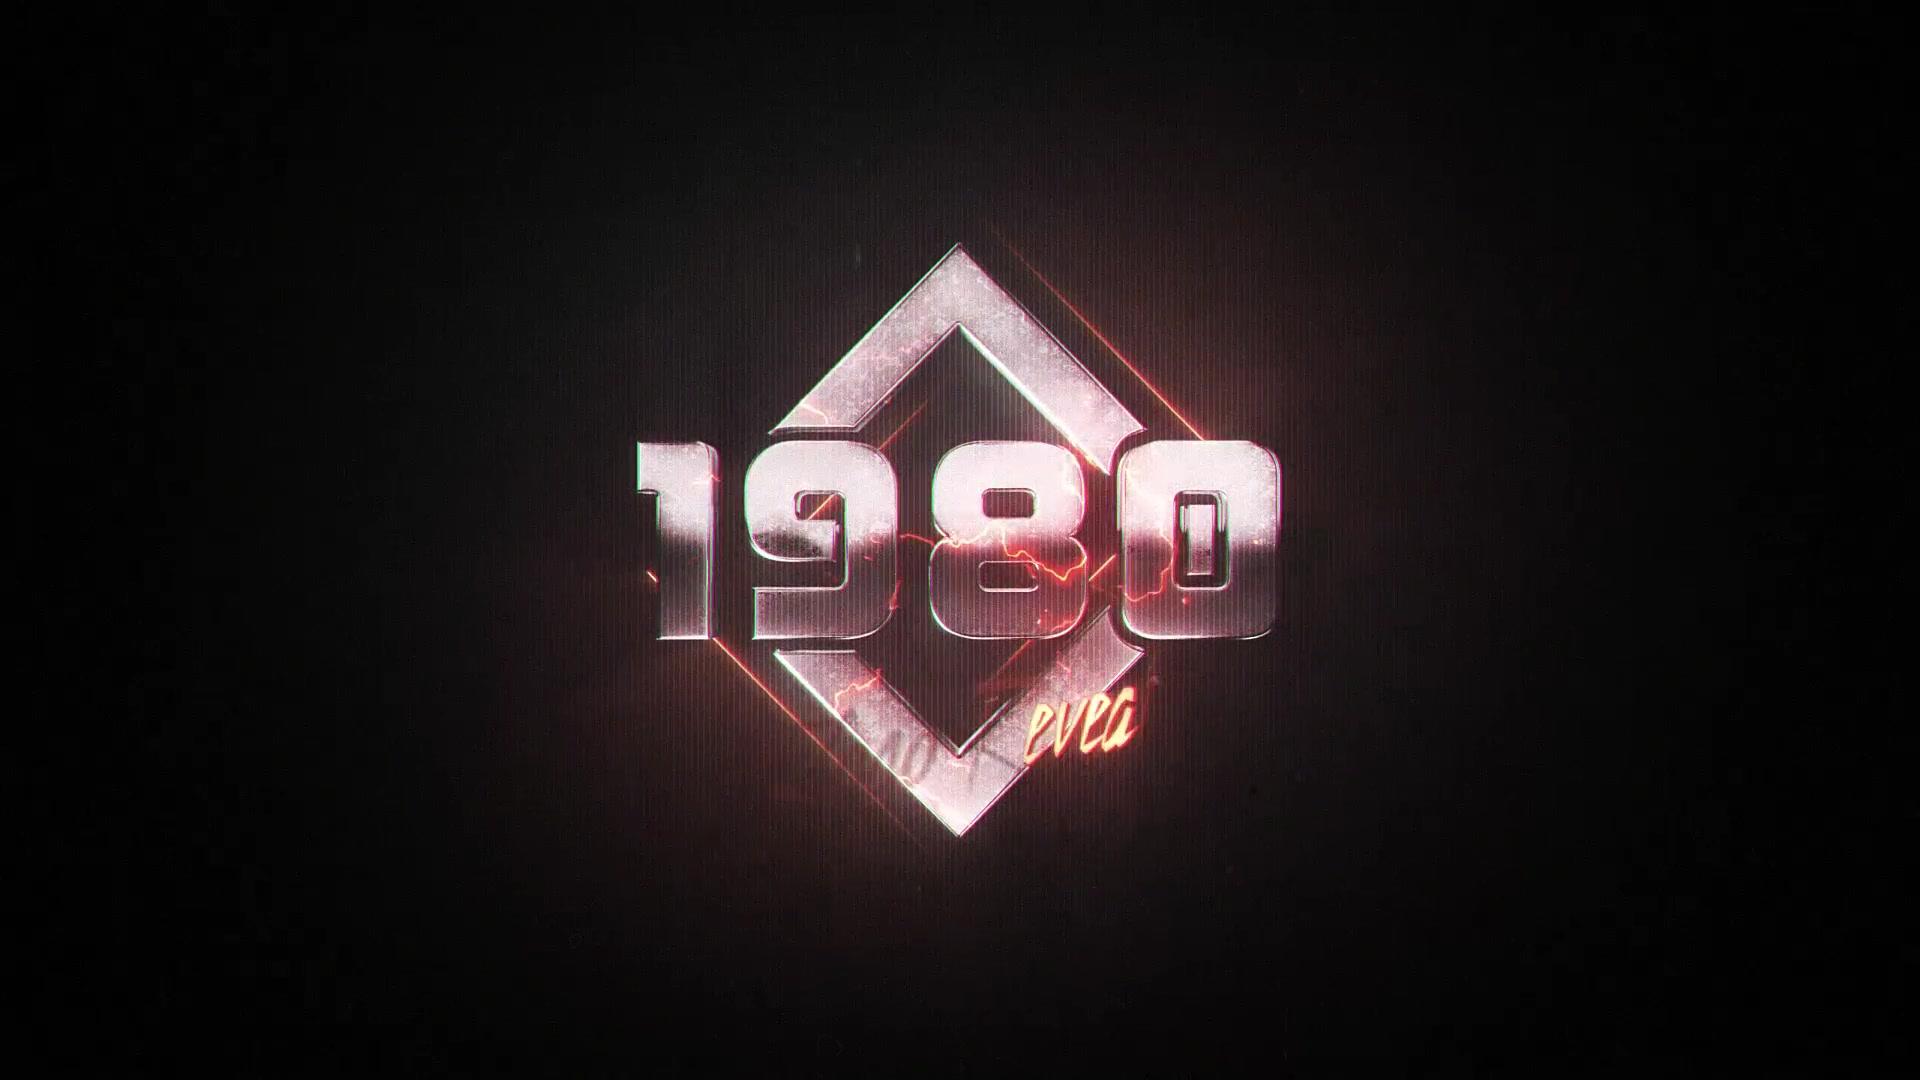 Retro Wave Logo - Download Videohive 22861180